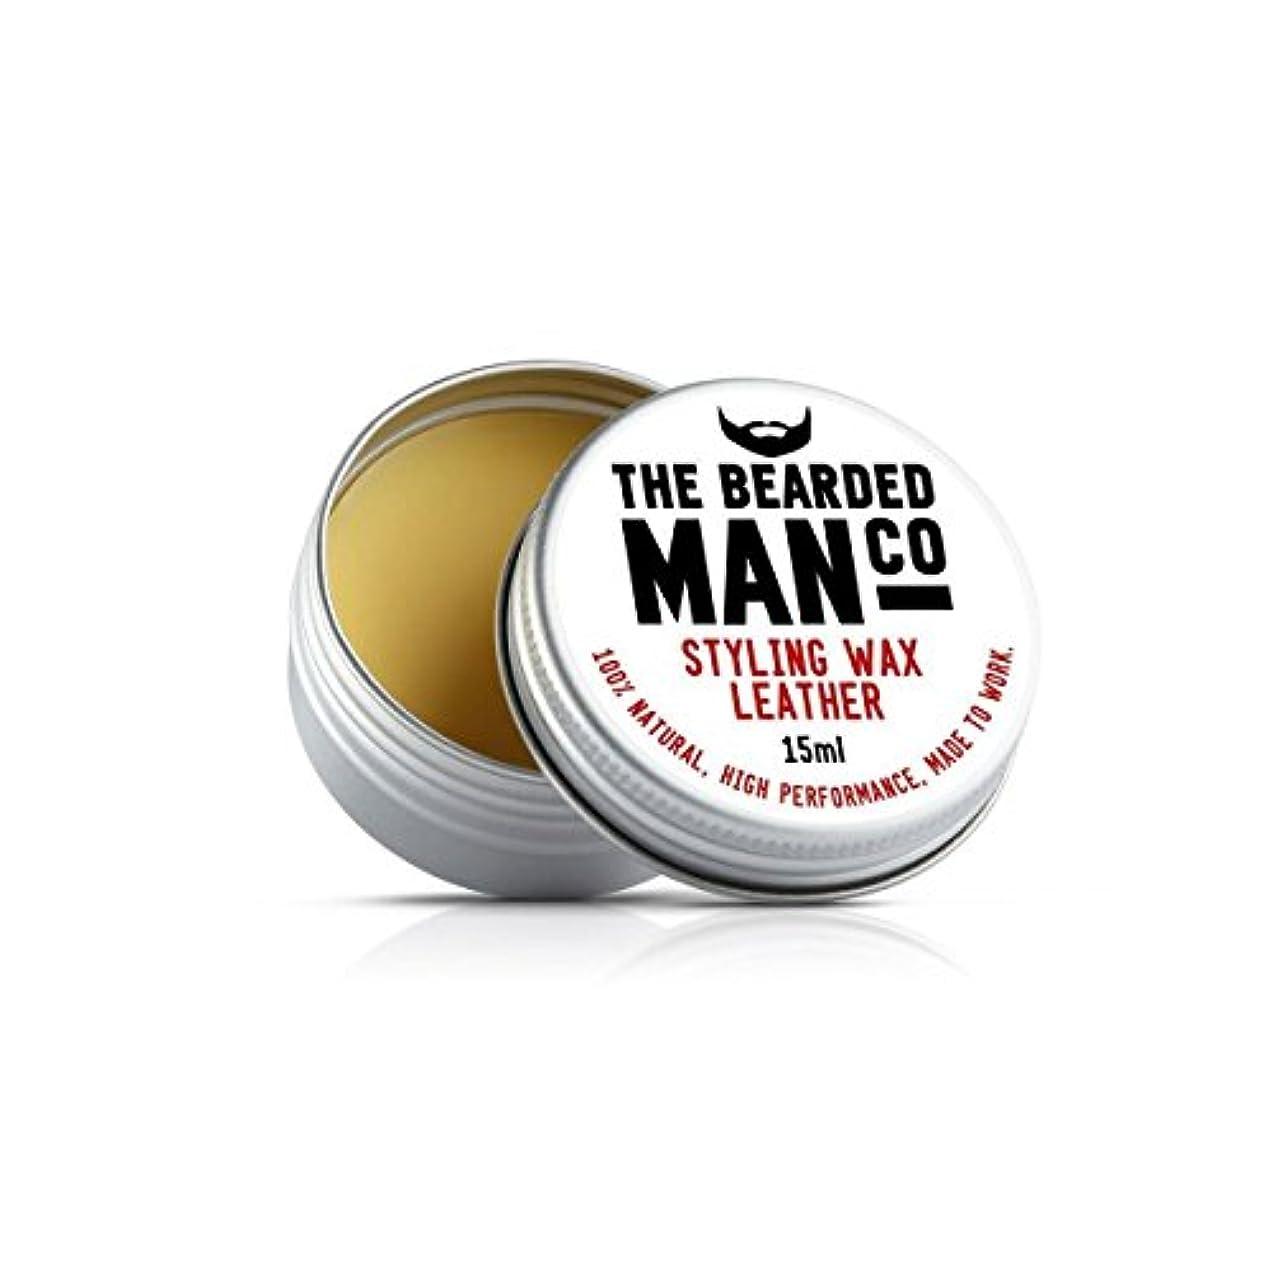 ファイアルバンクけん引The Bearded Man Companyシチリアレモン香りひげ香油